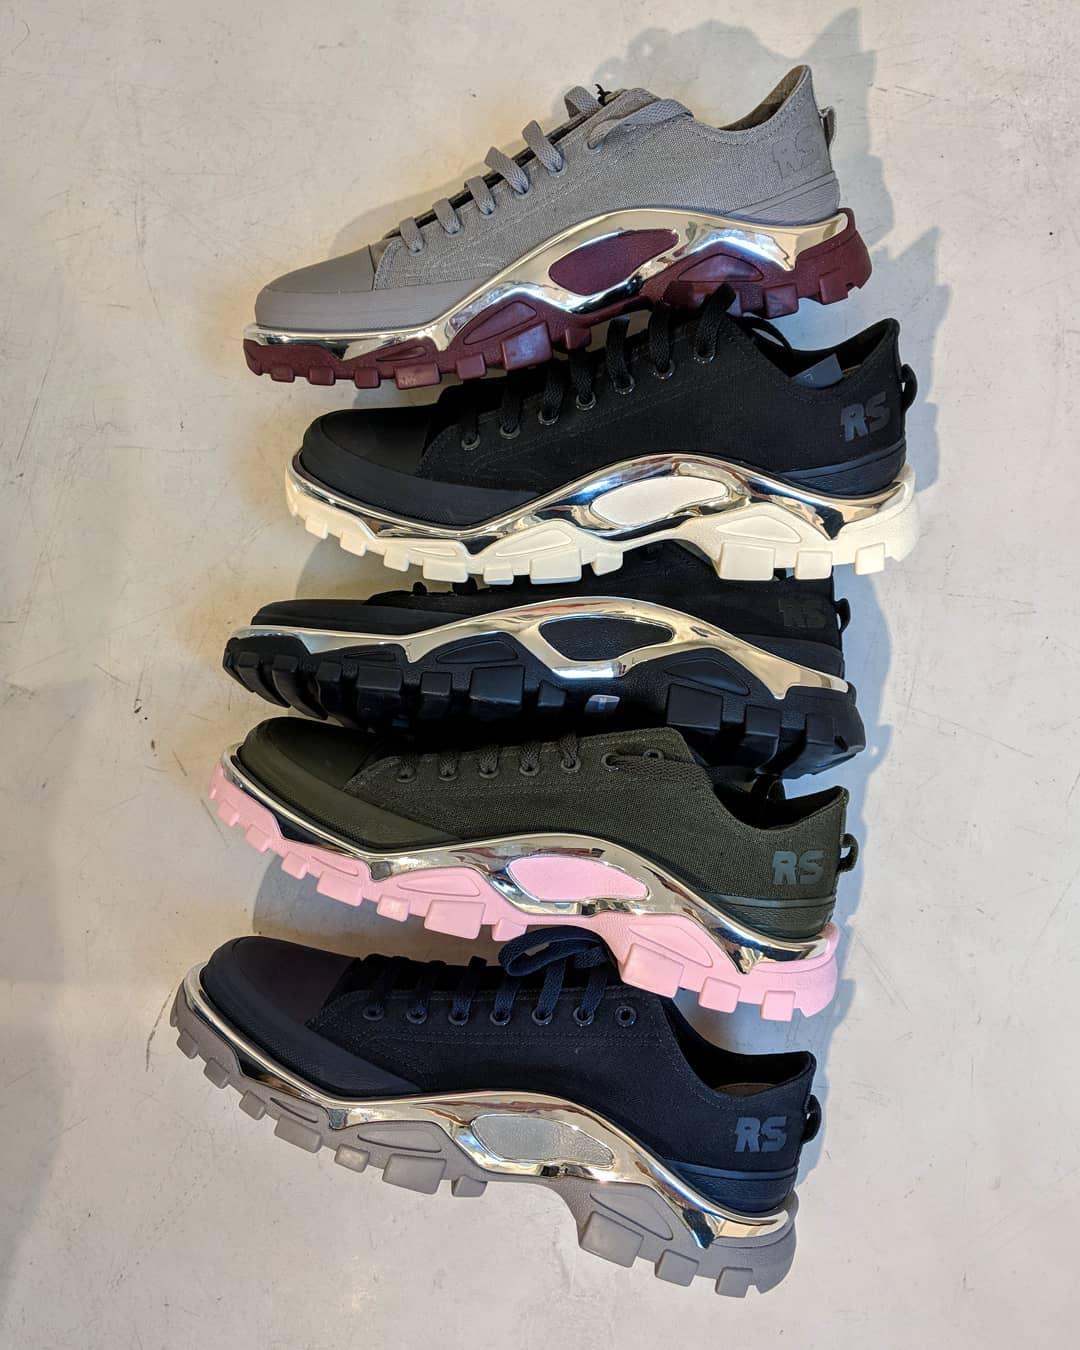 New Colourways for the Raf Simons Detroit Model